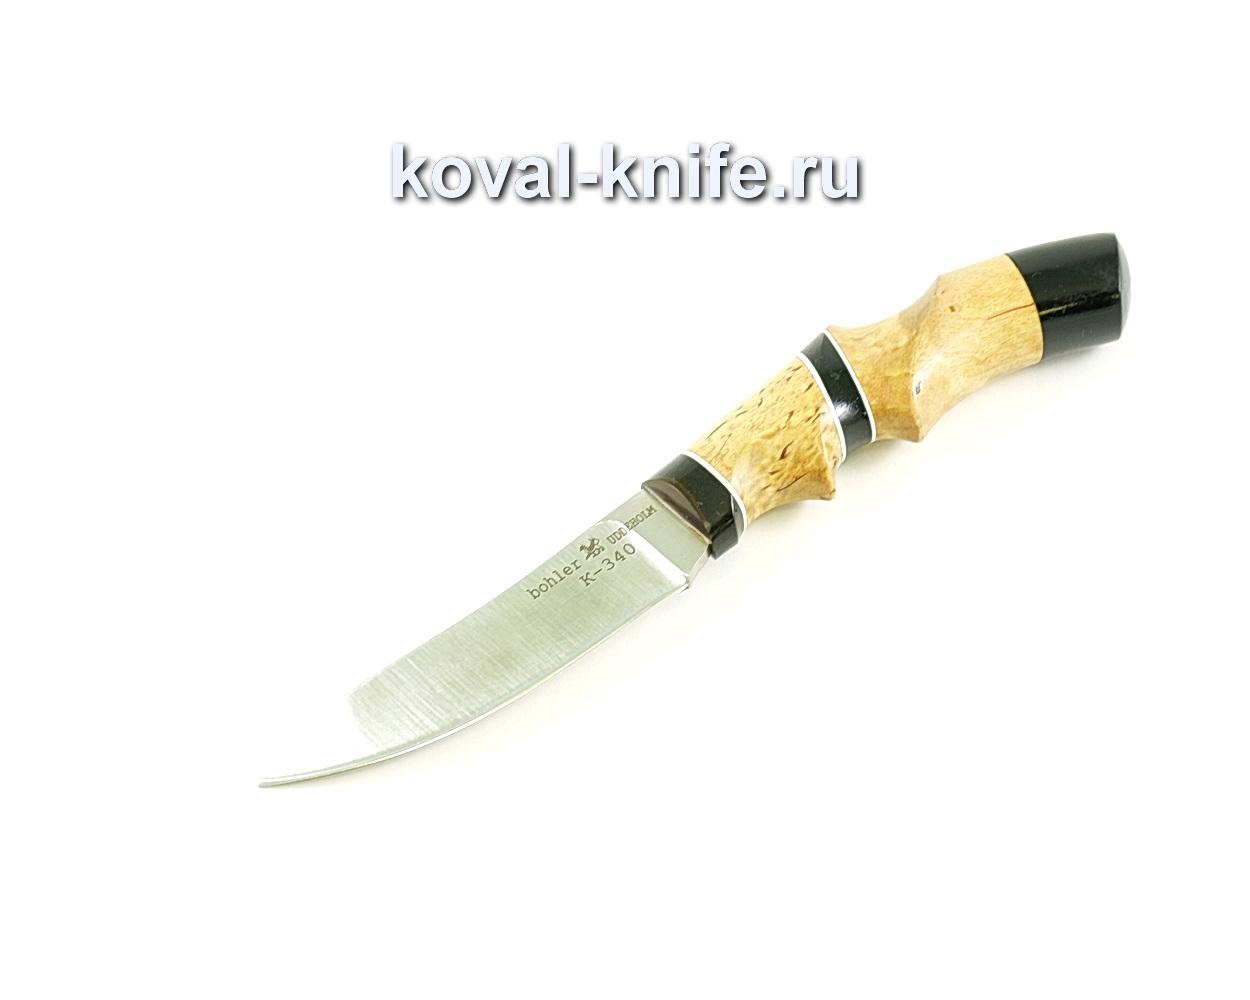 Нож Лань (сталь K-340), рукоять эбонит, карелка